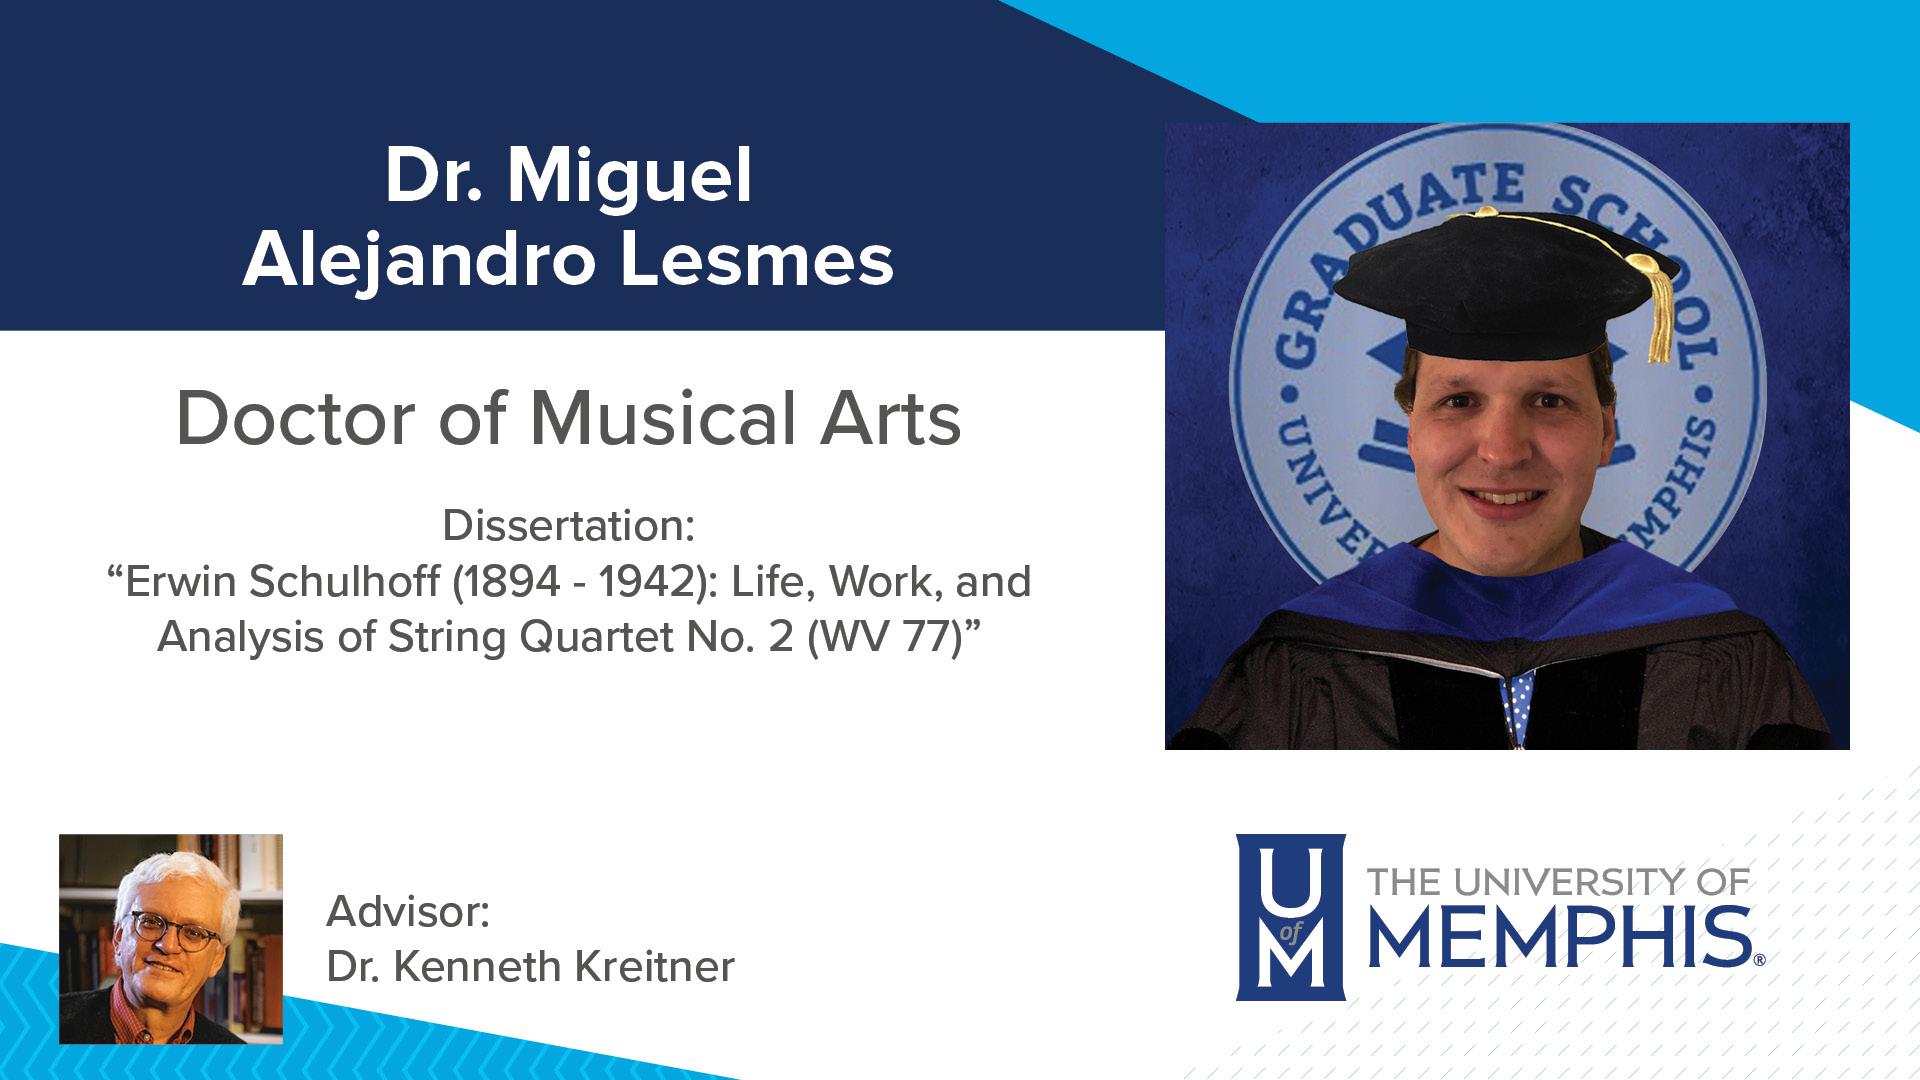 """Dr. Miguel Alejandro Lesmes Dissertation: """"Erwin Schulhoff (1894 - 1942): Life, Work, and Analysis of String Quartet No. 2 (WV 77) """" Major Professor: Dr. Kenneth Kreitner"""